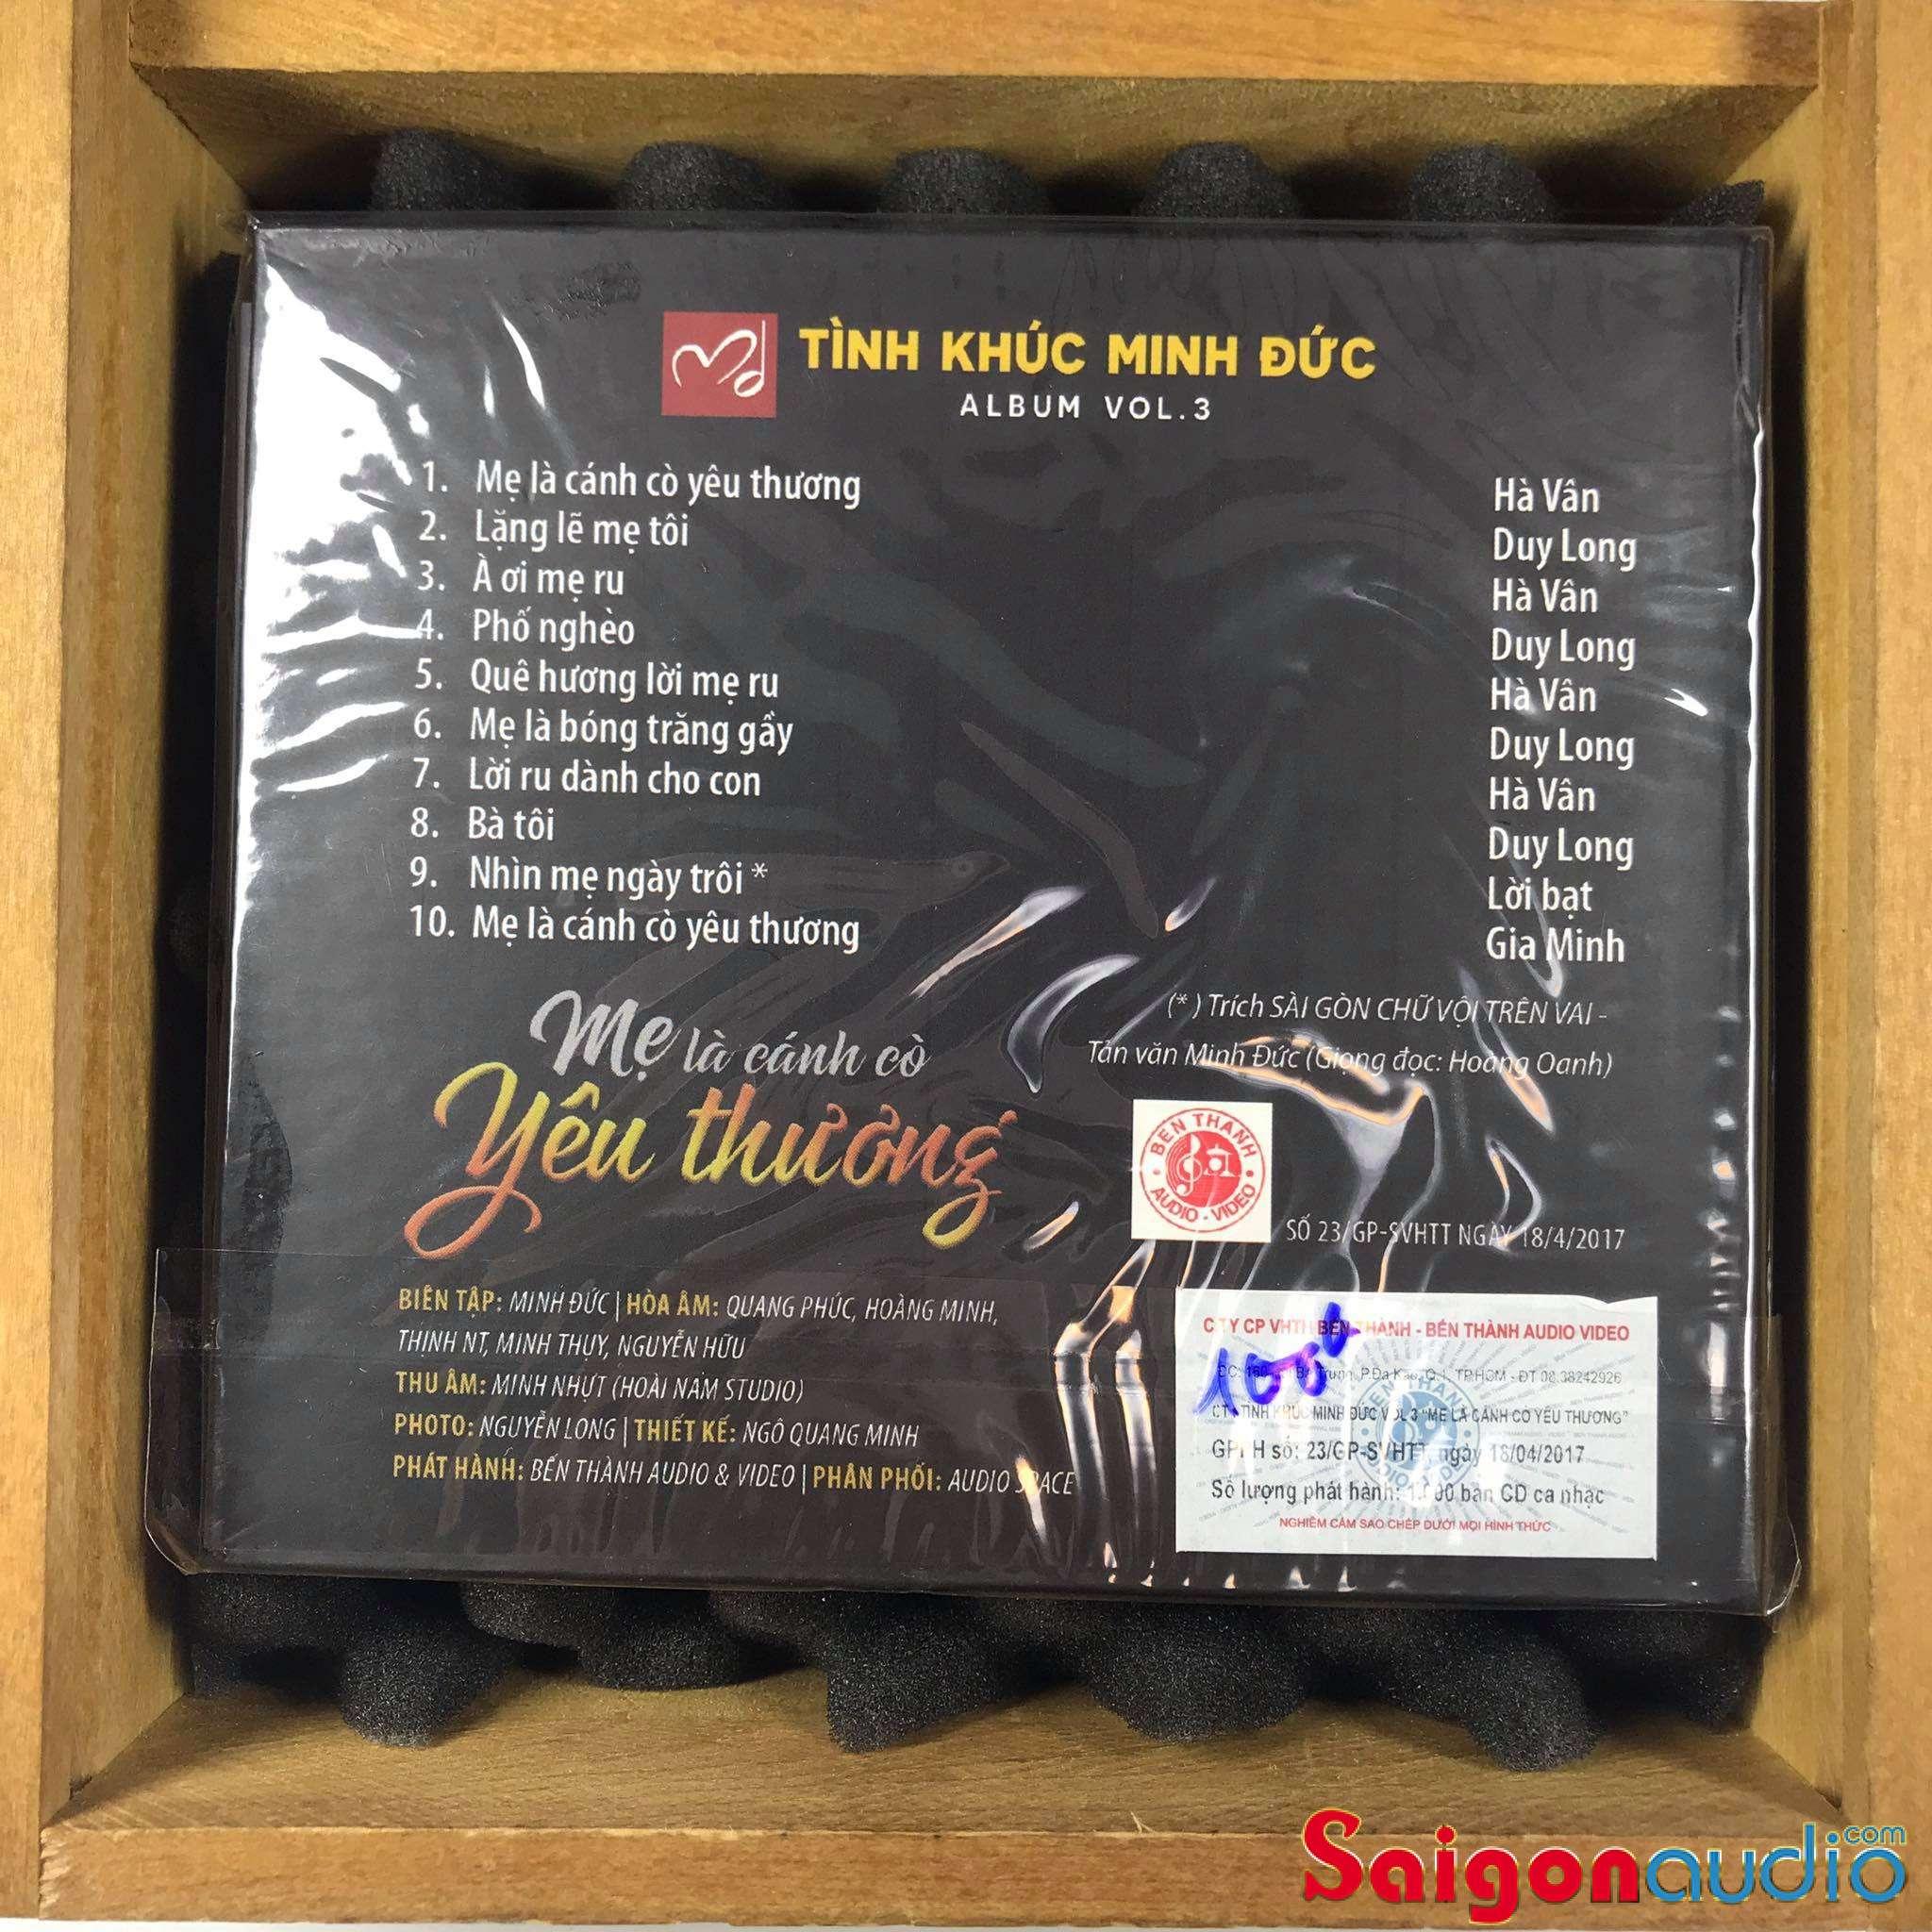 Đĩa CD nhạc gốc Mẹ Là Cánh Cò Yêu Thương (Free ship khi mua 2 đĩa CD cùng hoặc khác loại)